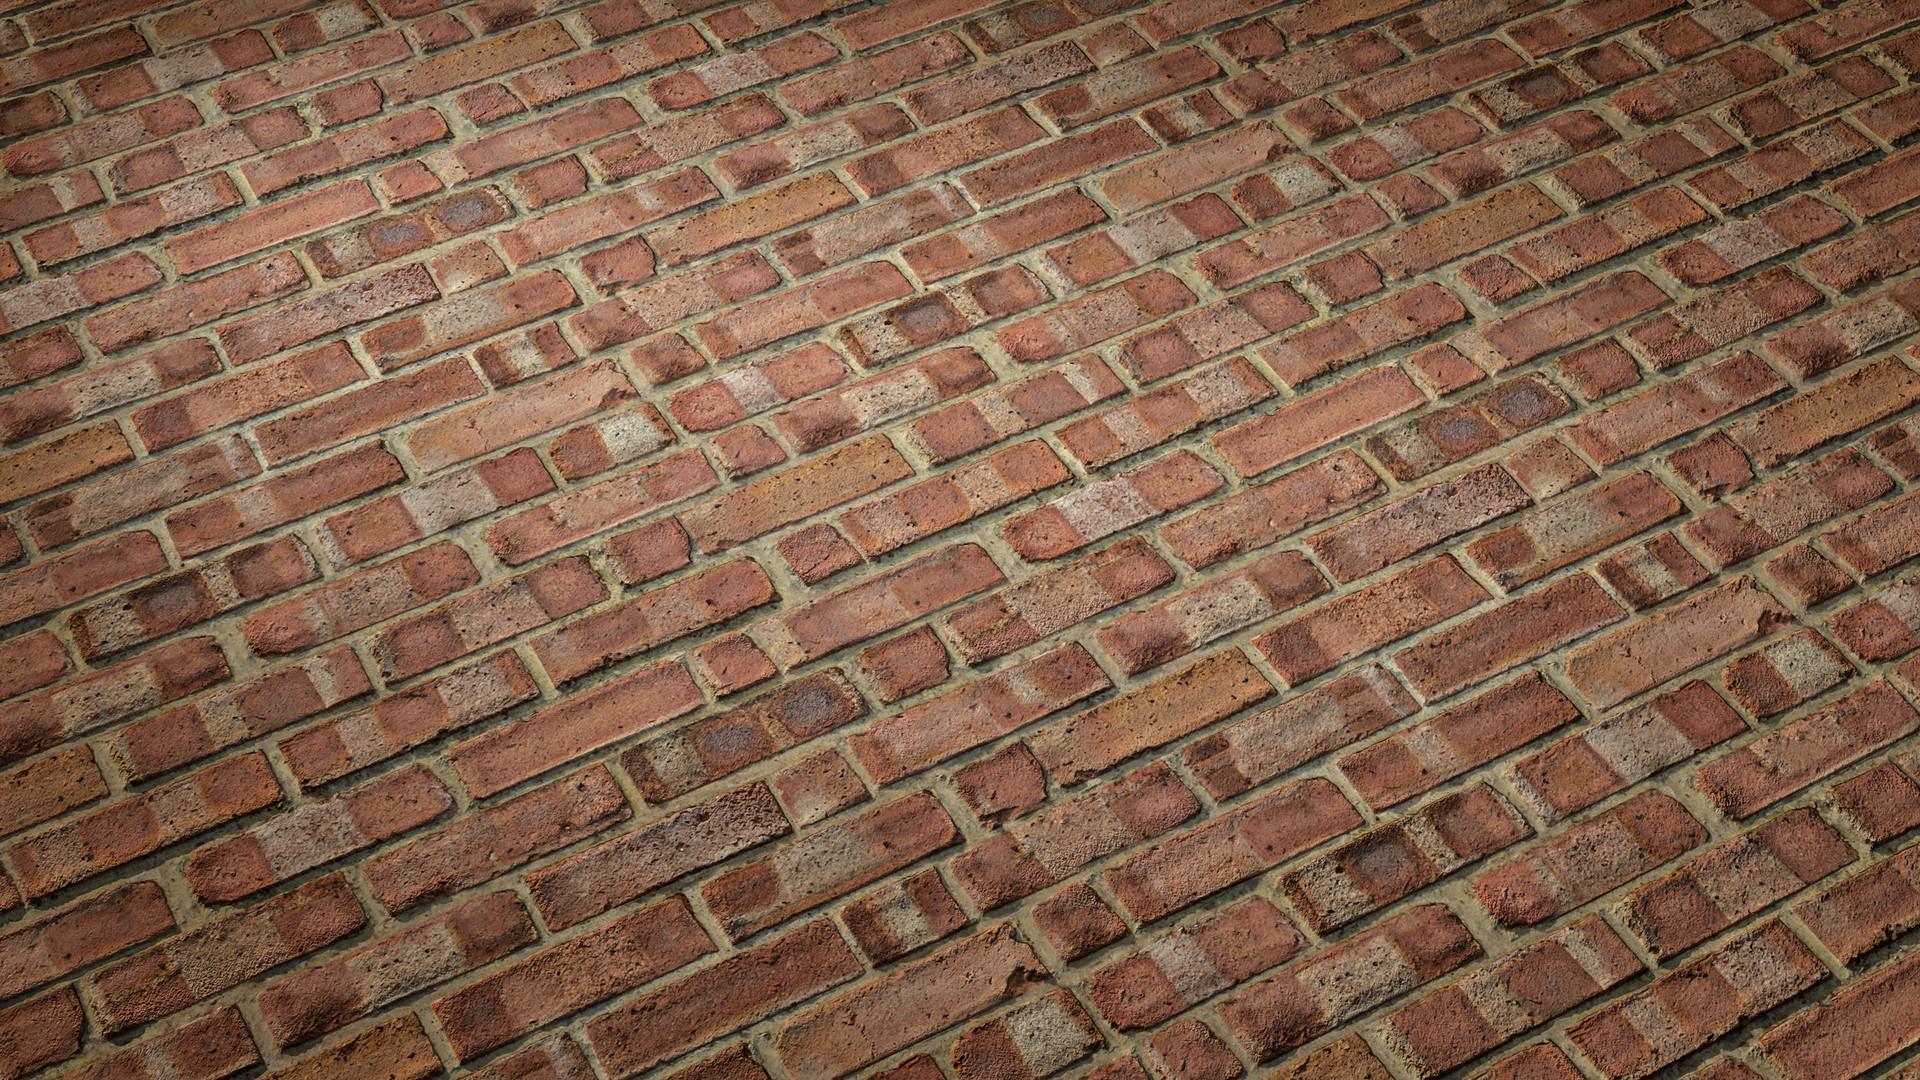 Shariq altaf brickwall redshift tilingstill 01 1